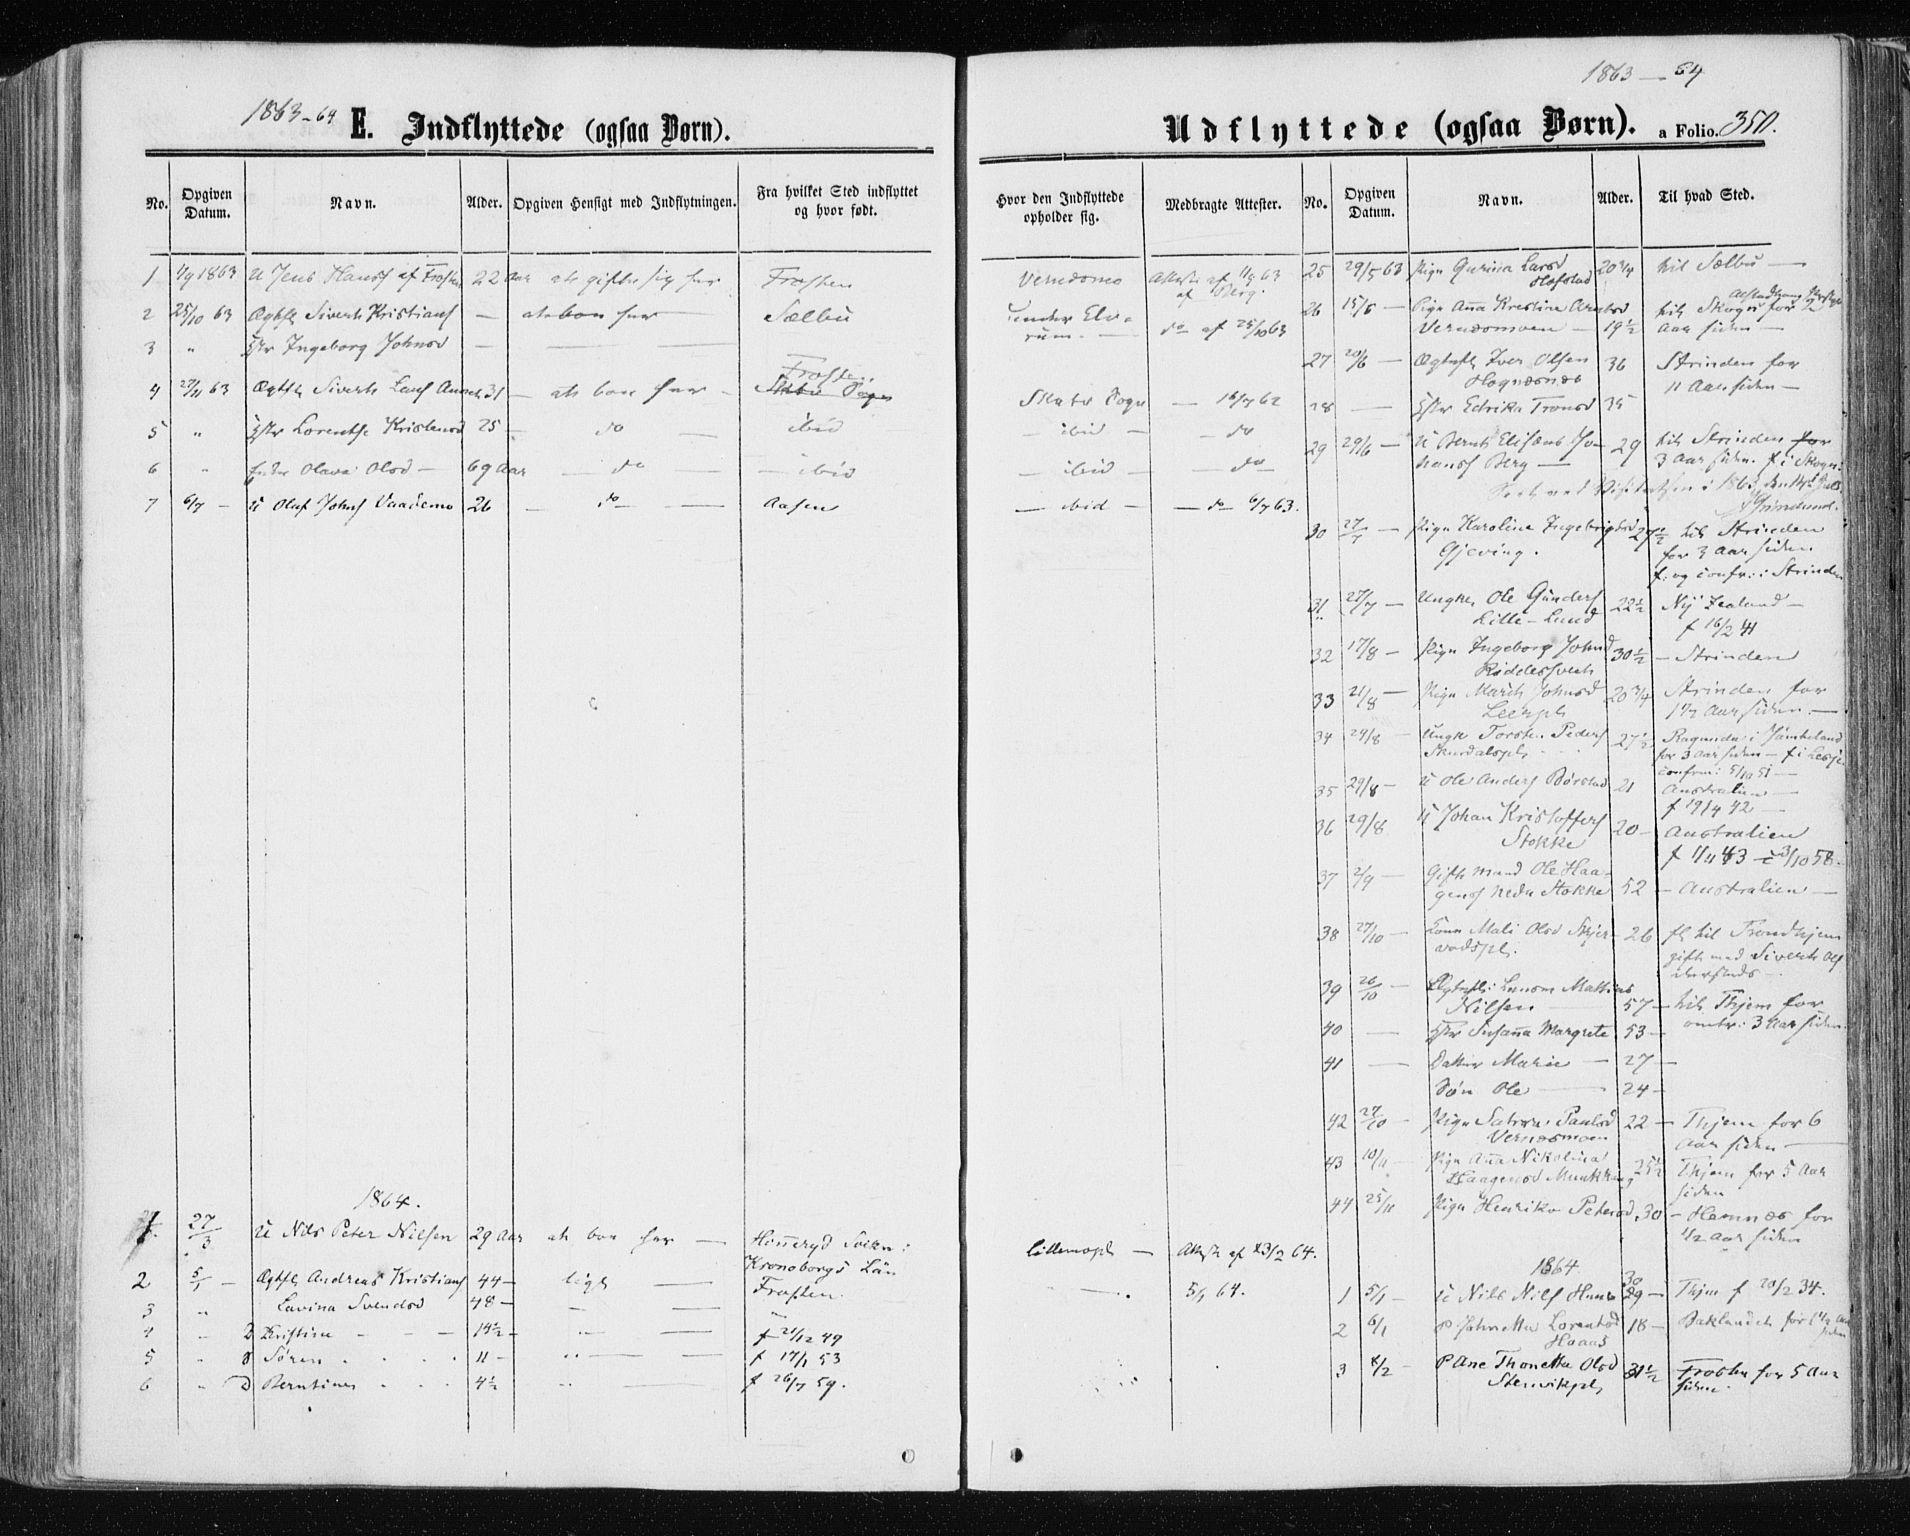 SAT, Ministerialprotokoller, klokkerbøker og fødselsregistre - Nord-Trøndelag, 709/L0075: Ministerialbok nr. 709A15, 1859-1870, s. 350